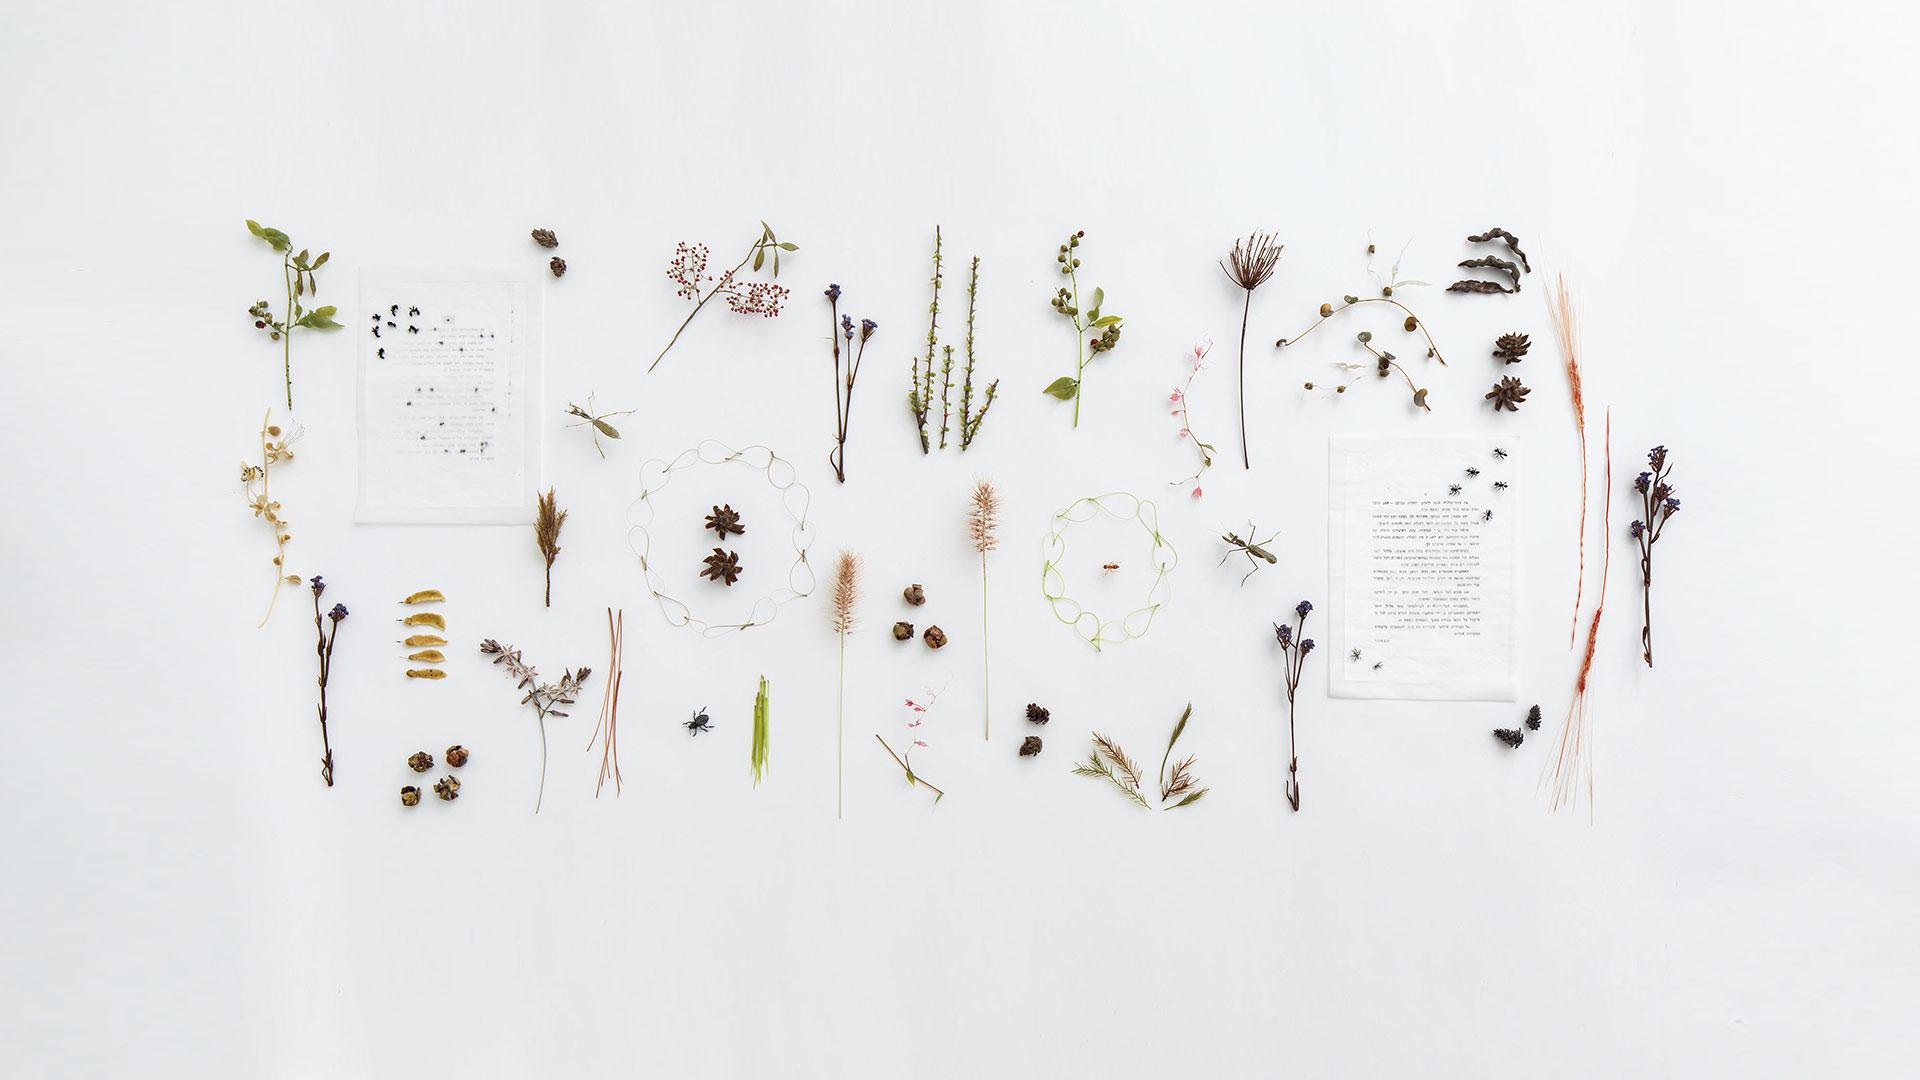 דפנה קפמן צמחים במולדת, 2018 זכוכית מעובדת במבער ודף ספר משועתק ומטופל , 80X200X7 ס